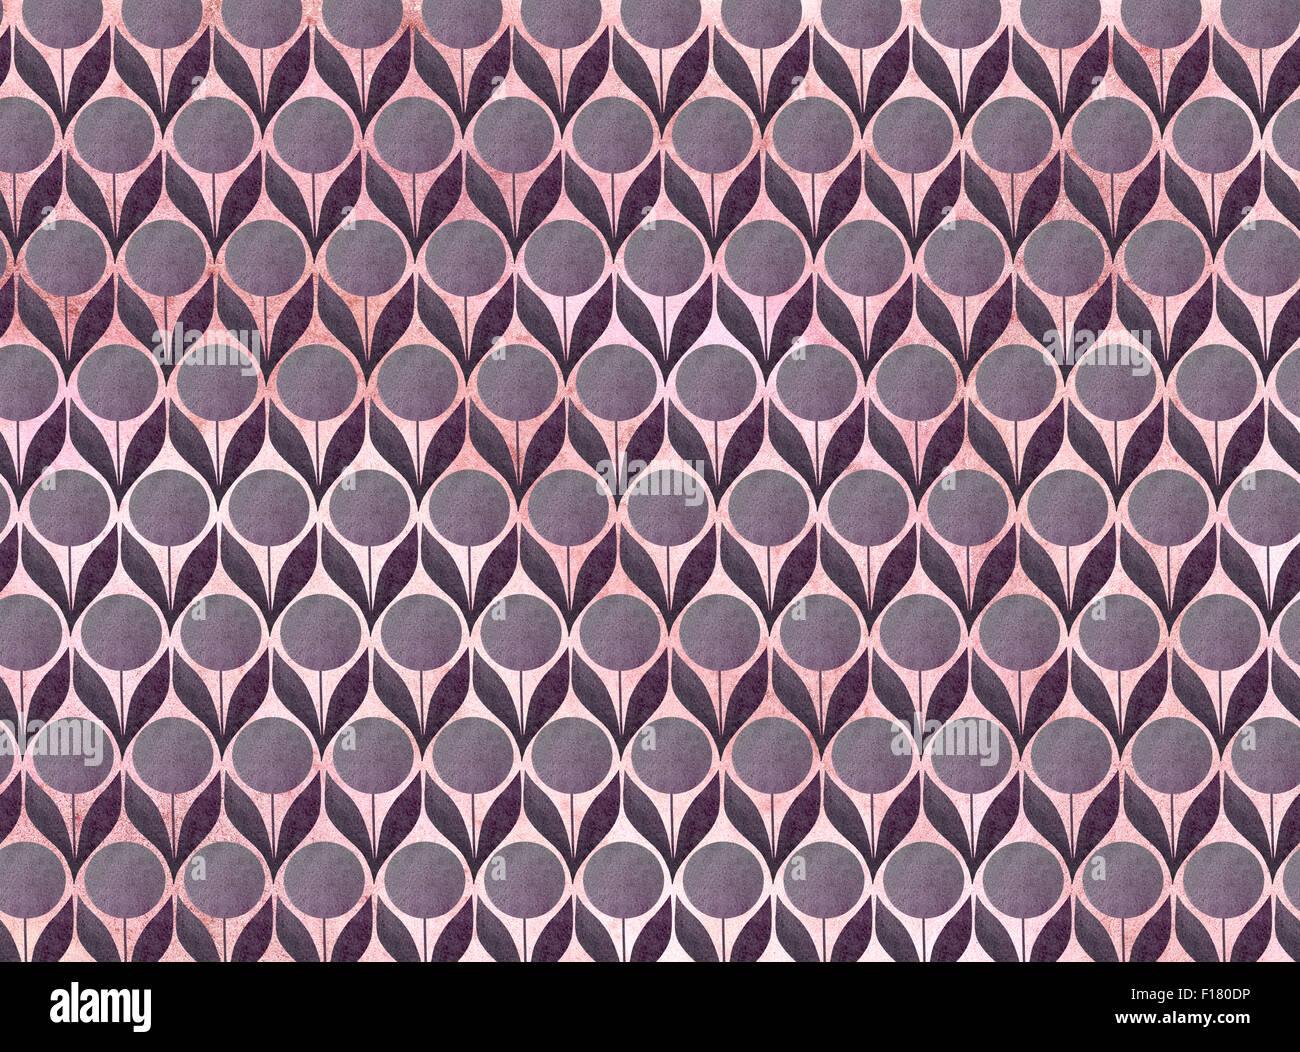 Nahtlose Blume Muster Hintergrund Stockbild